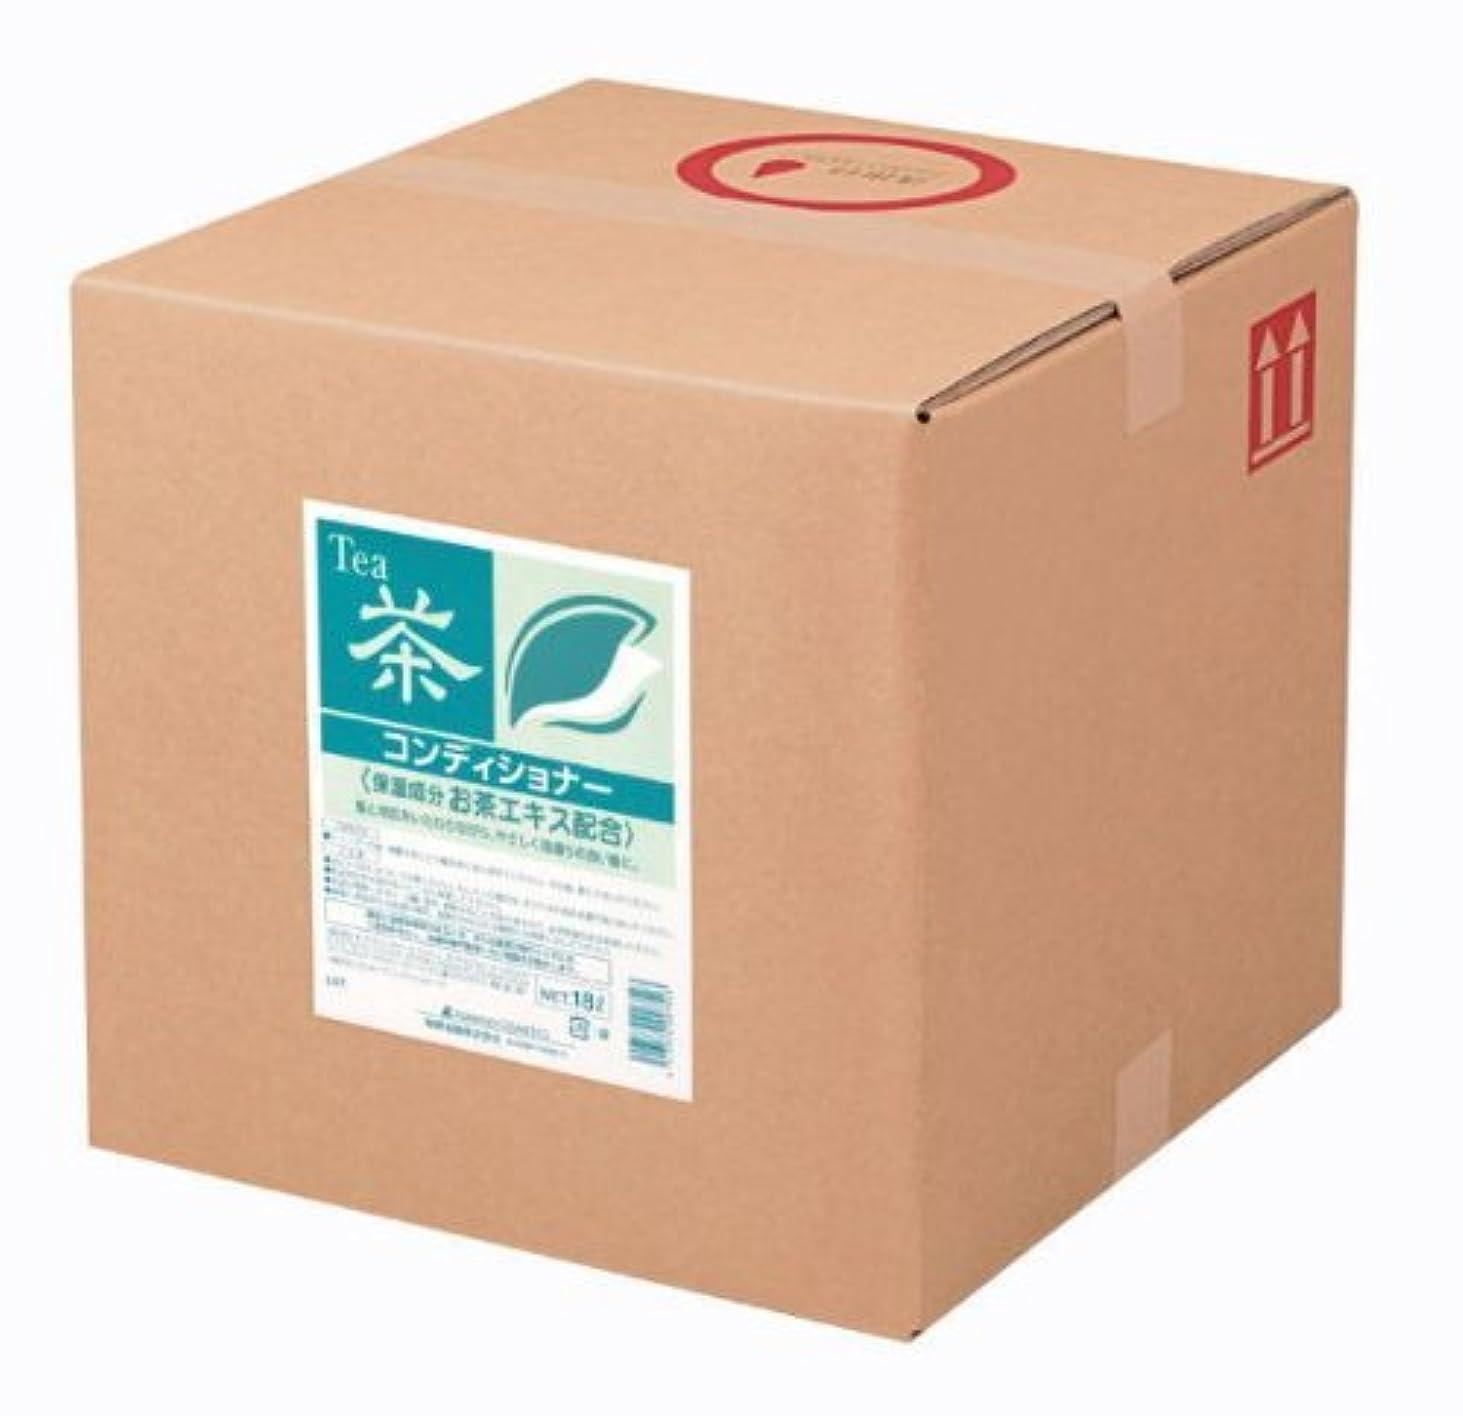 ディレクトリ爆発各熊野油脂 業務用 お茶 コンディショナー 18L